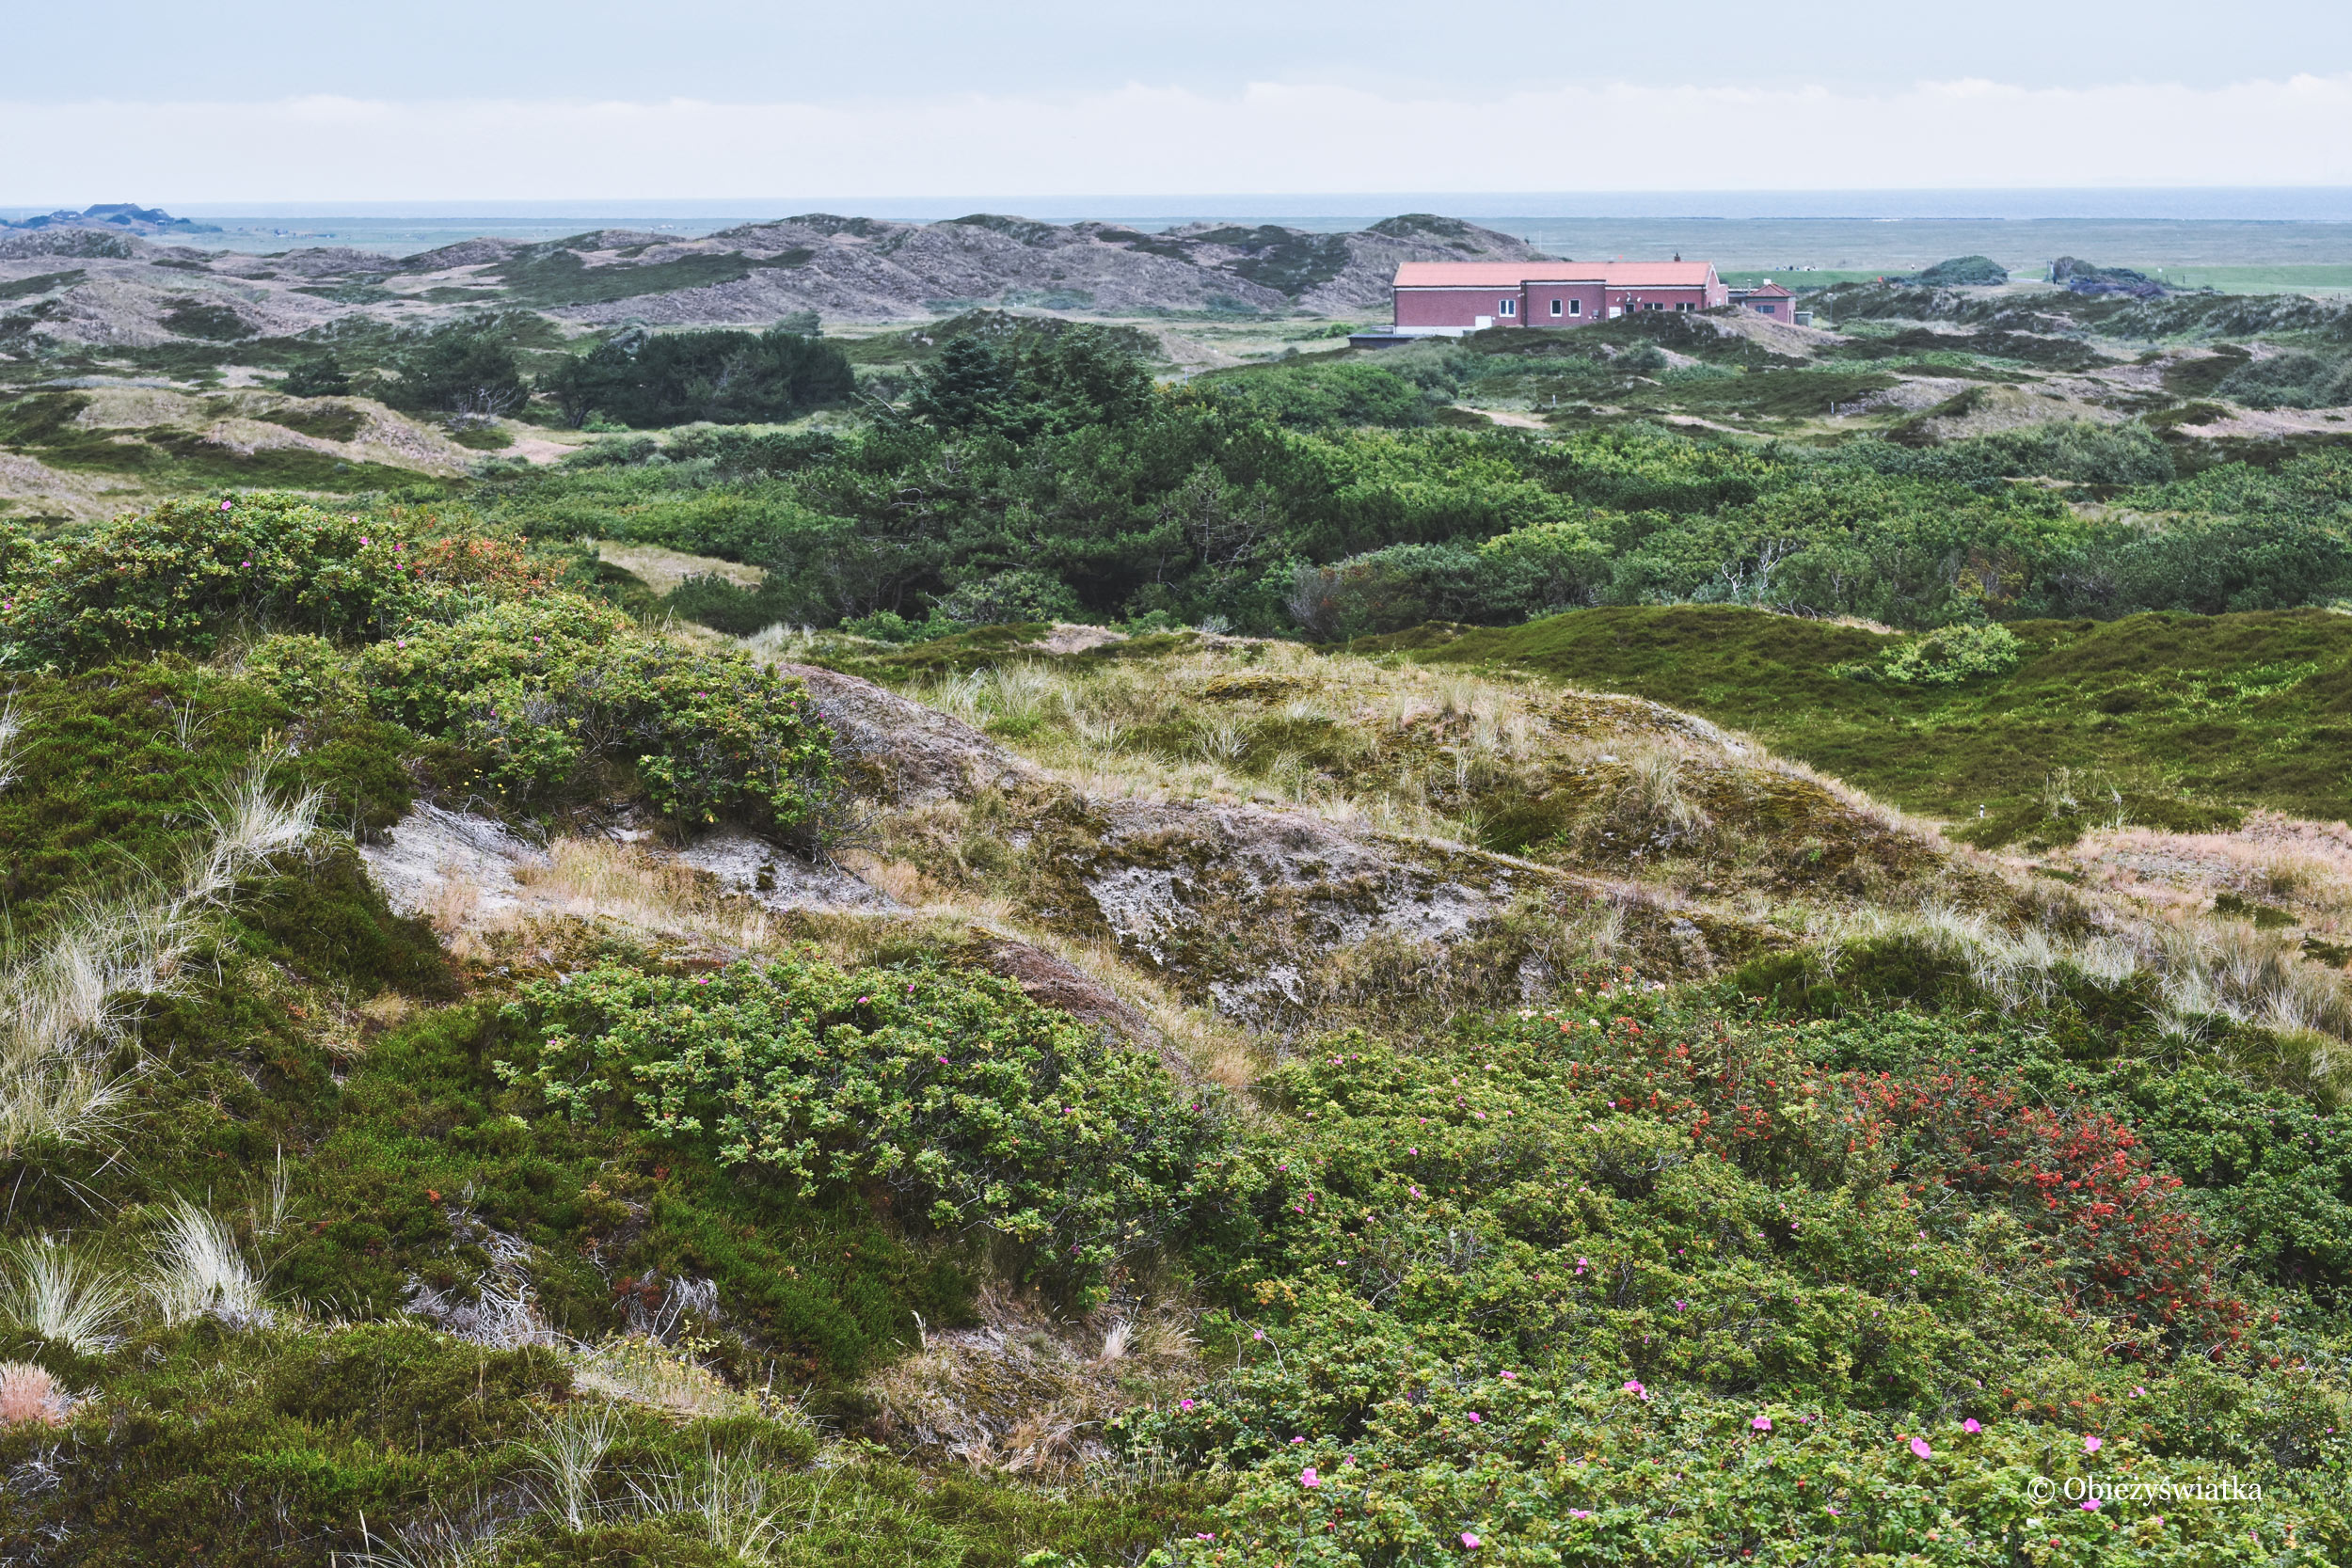 Krajobraz Wyspy Langeoog